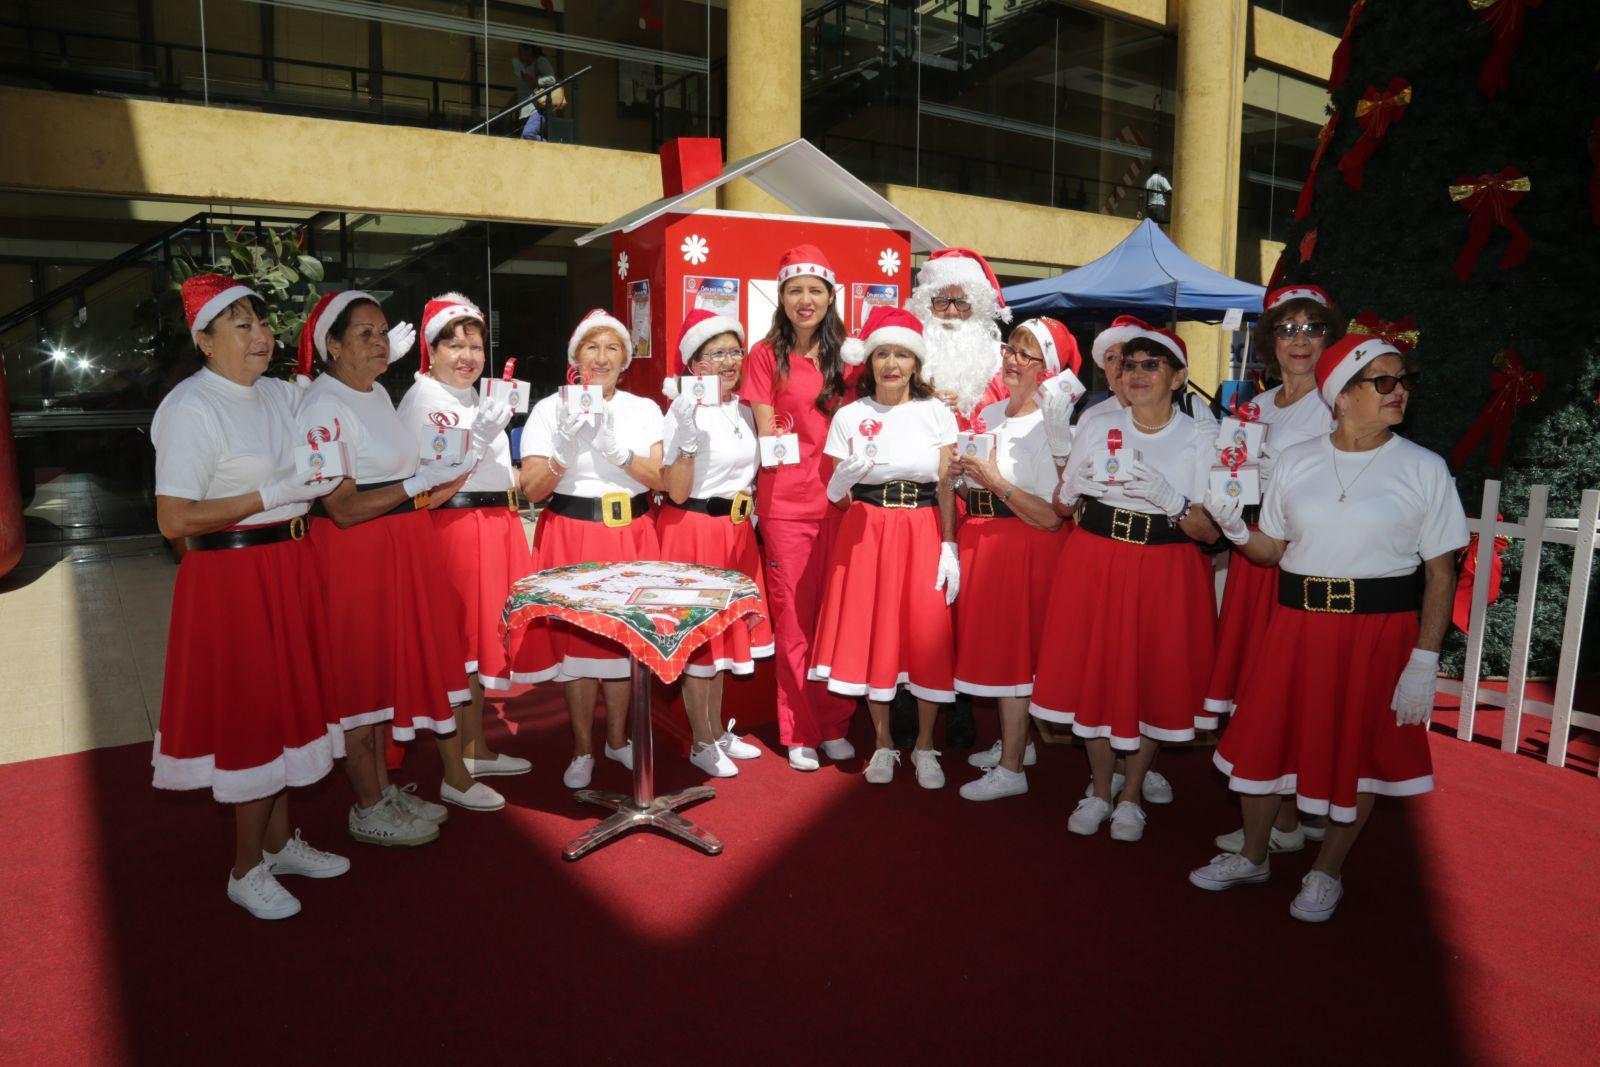 municipalidad-lanza-campana-para-ayudar-a-familias-vulnerables-a-celebrar-la-navidad